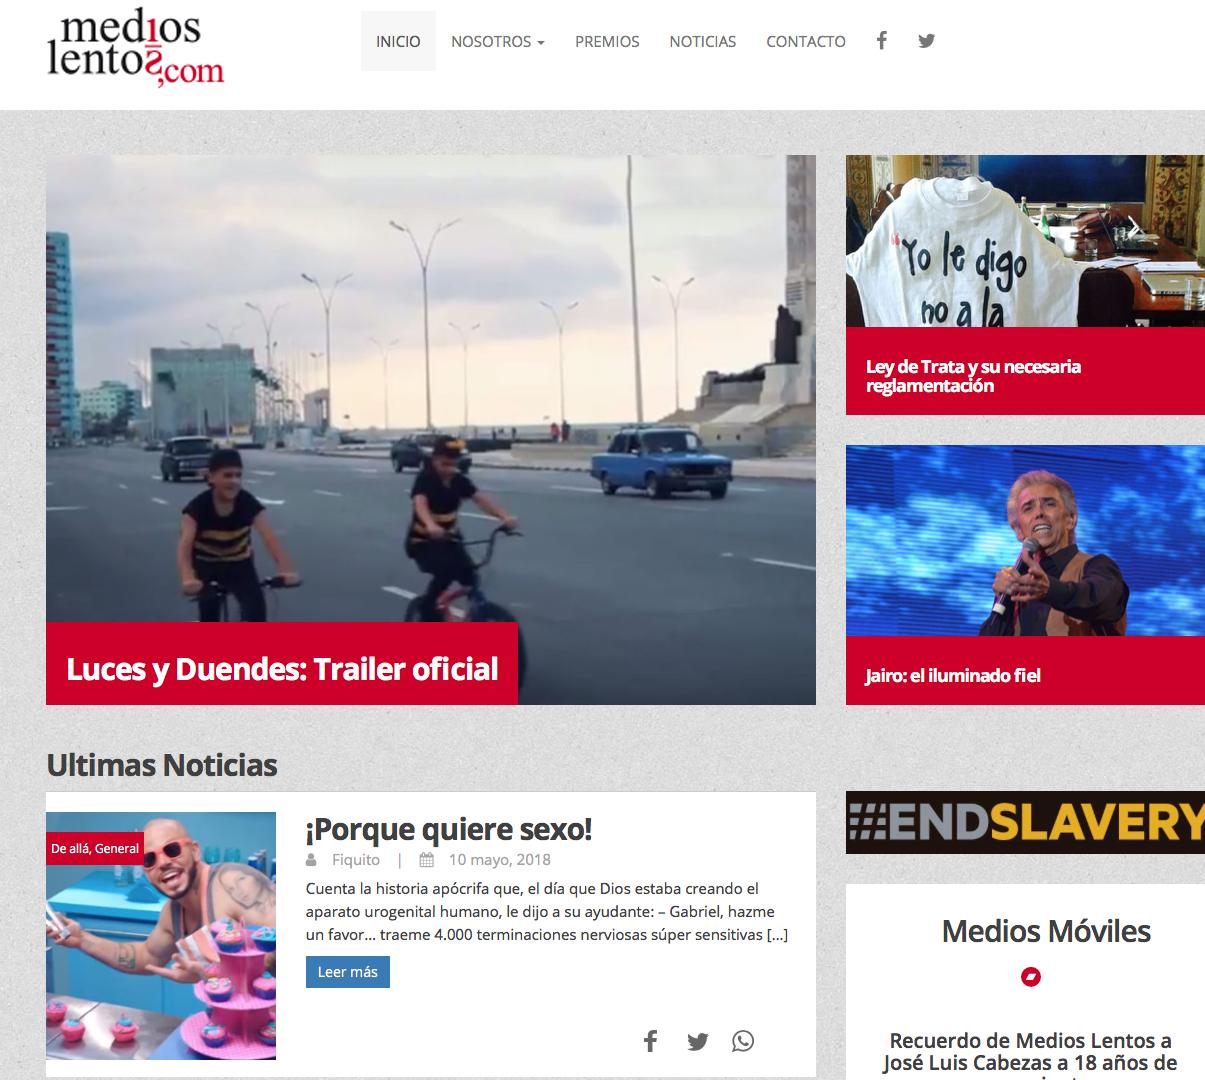 After Porn Ends Documental Online medios lentos en las redes sociales – periodismo inteligente